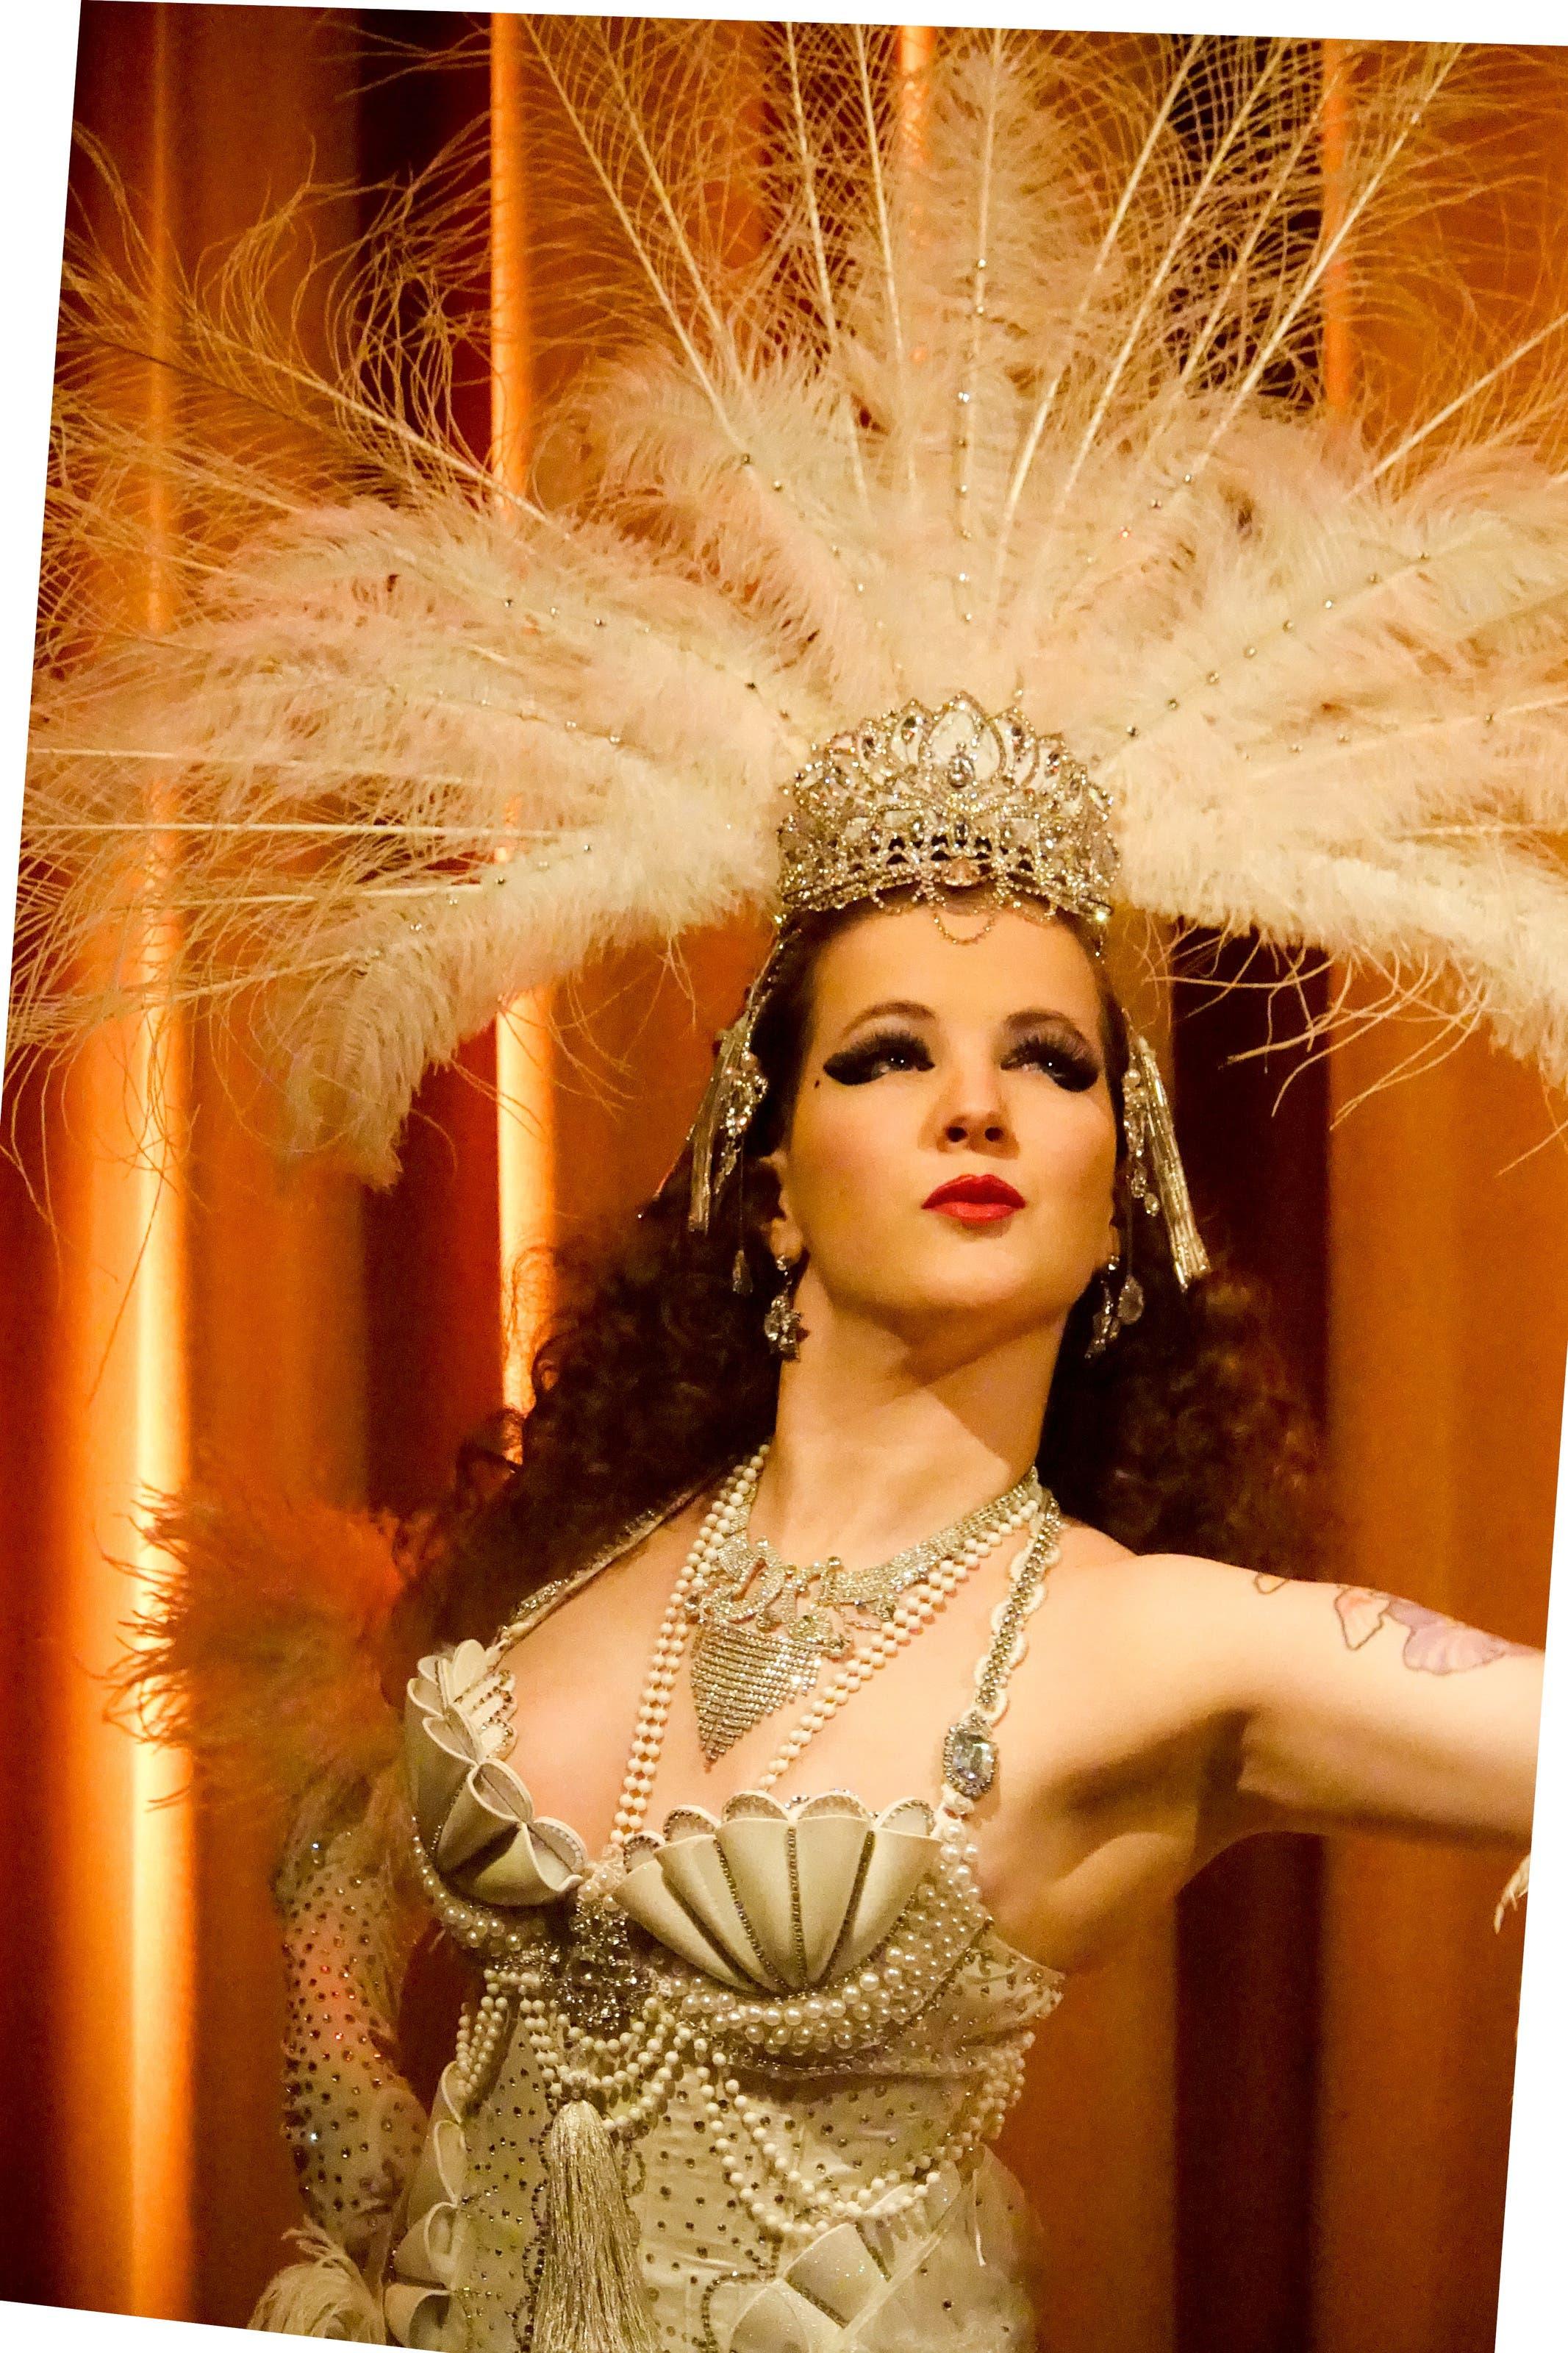 Der Auftritt von Burlesque-Tänzerin Minouche Von Marabou war einer der Höhepunkte in der Salon-Morpheus-Show.